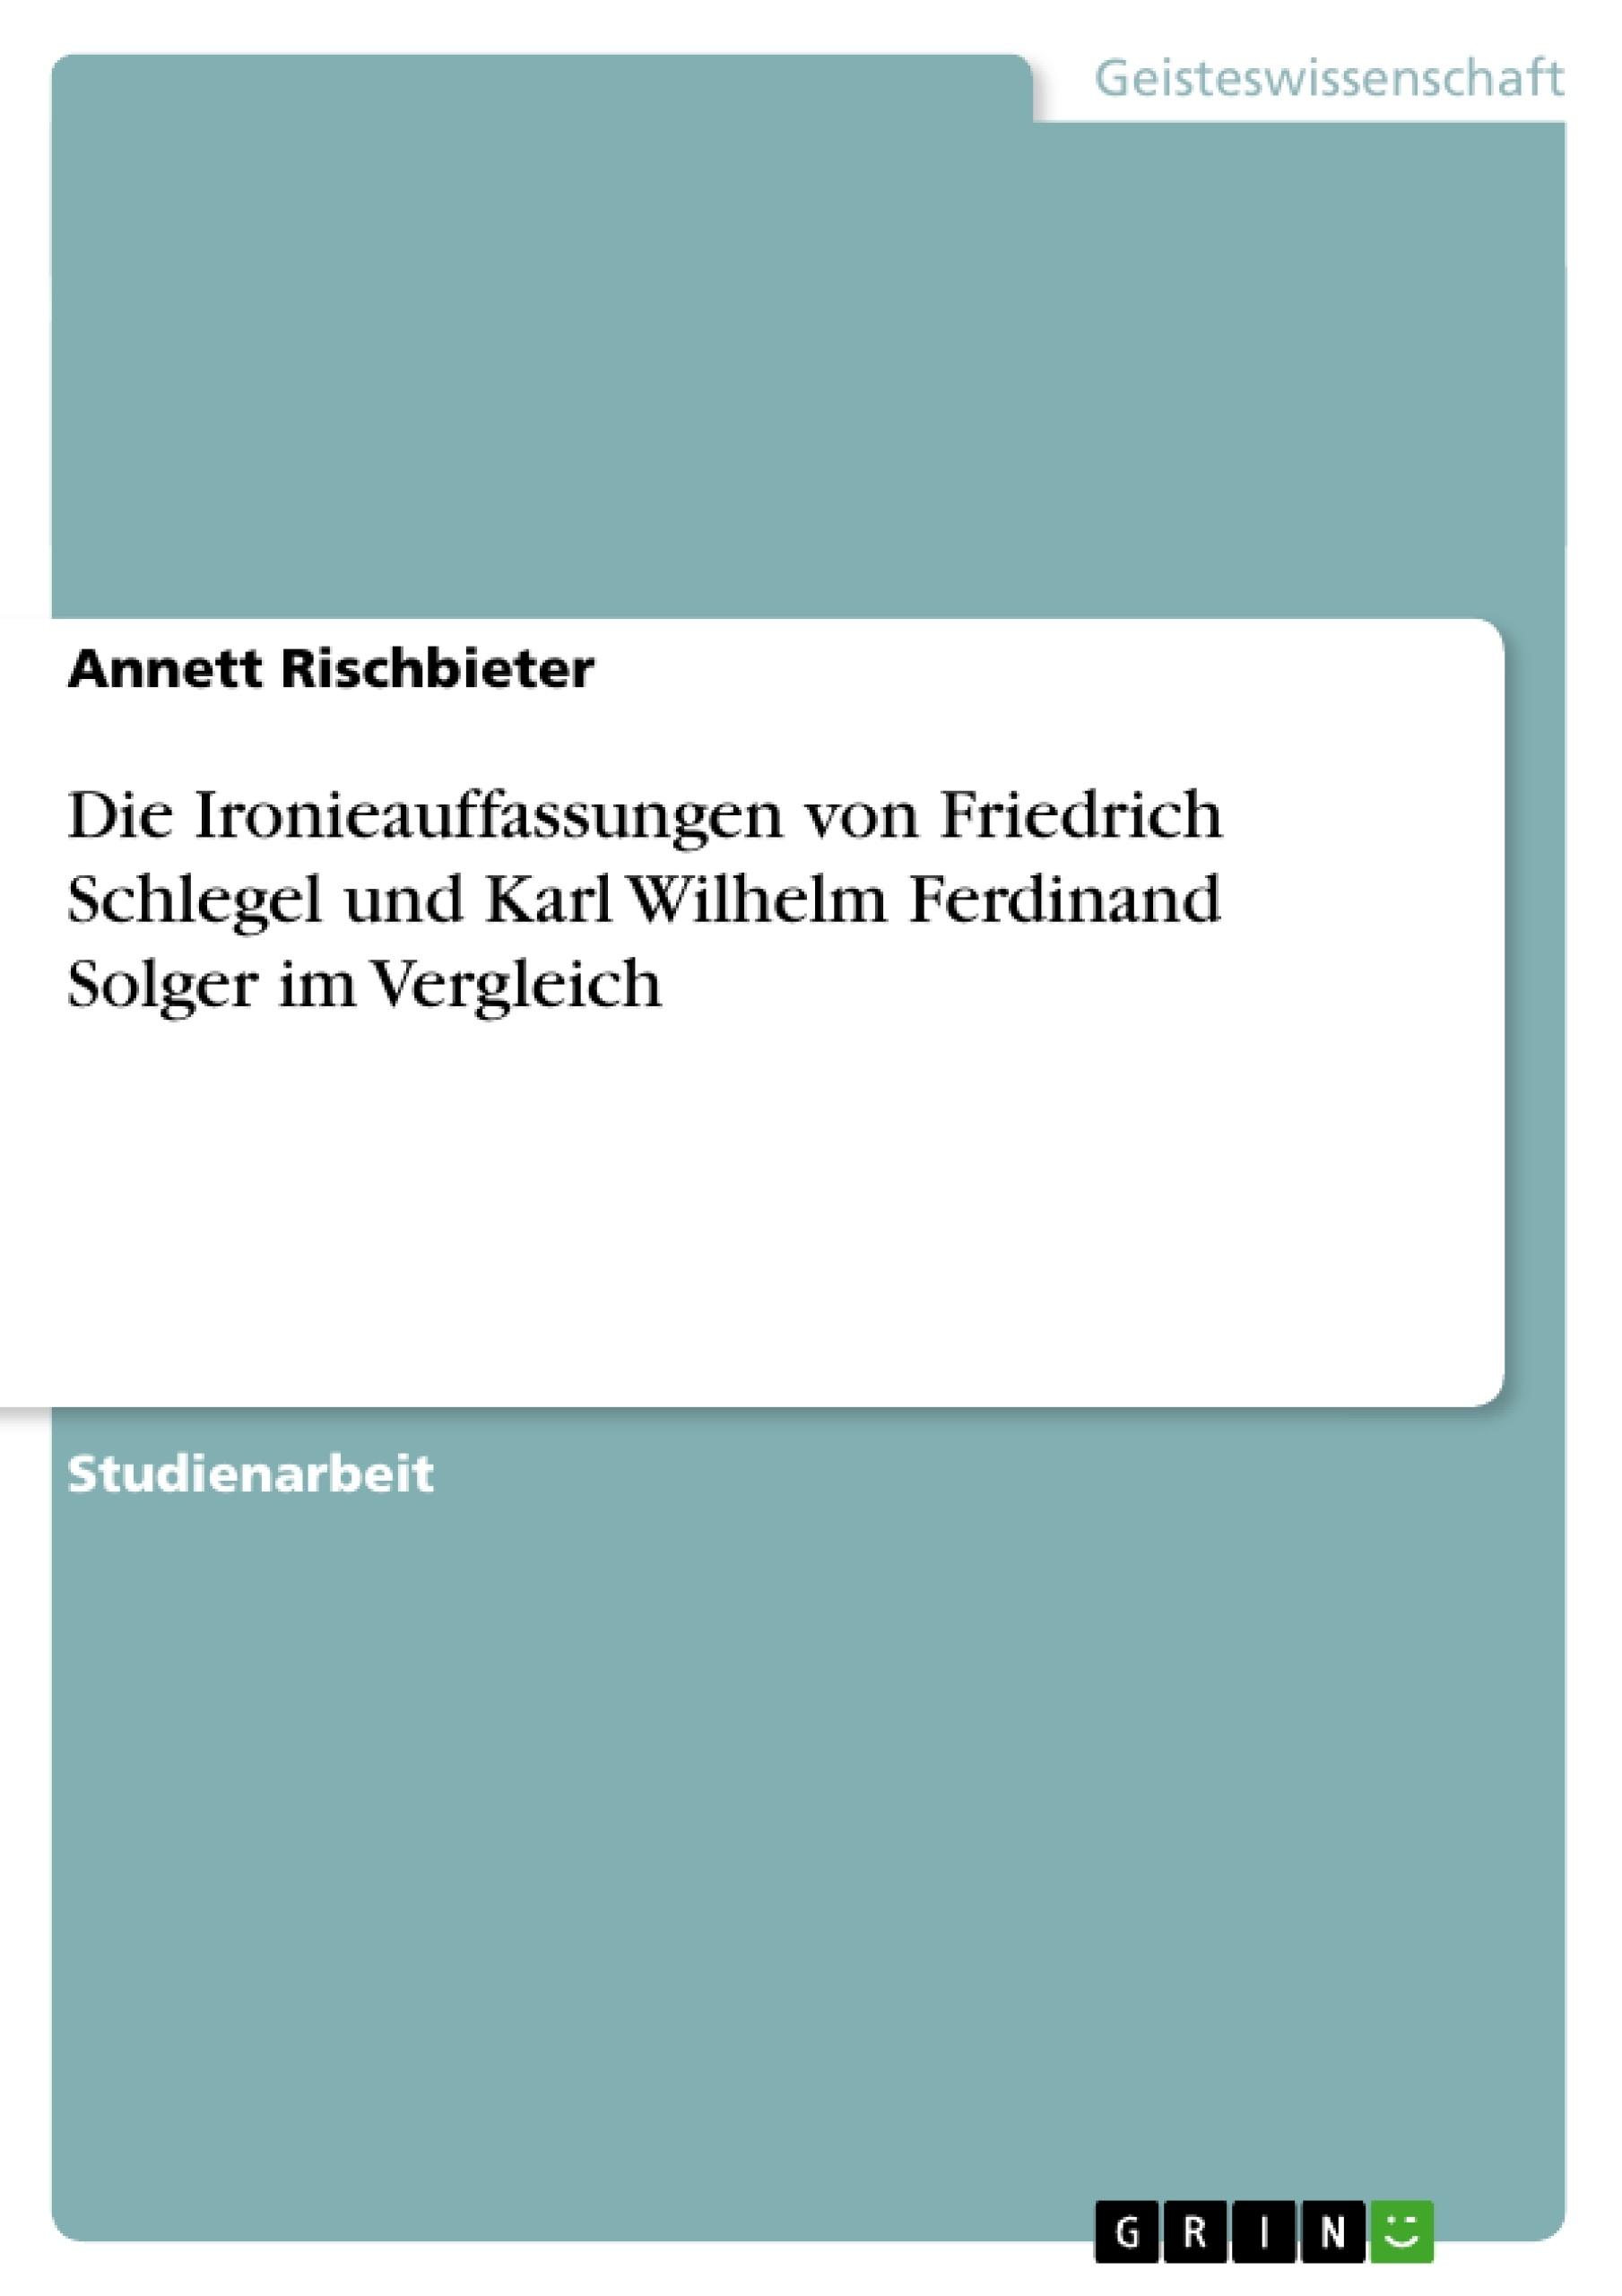 Titel: Die Ironieauffassungen von Friedrich Schlegel und Karl Wilhelm Ferdinand Solger im Vergleich